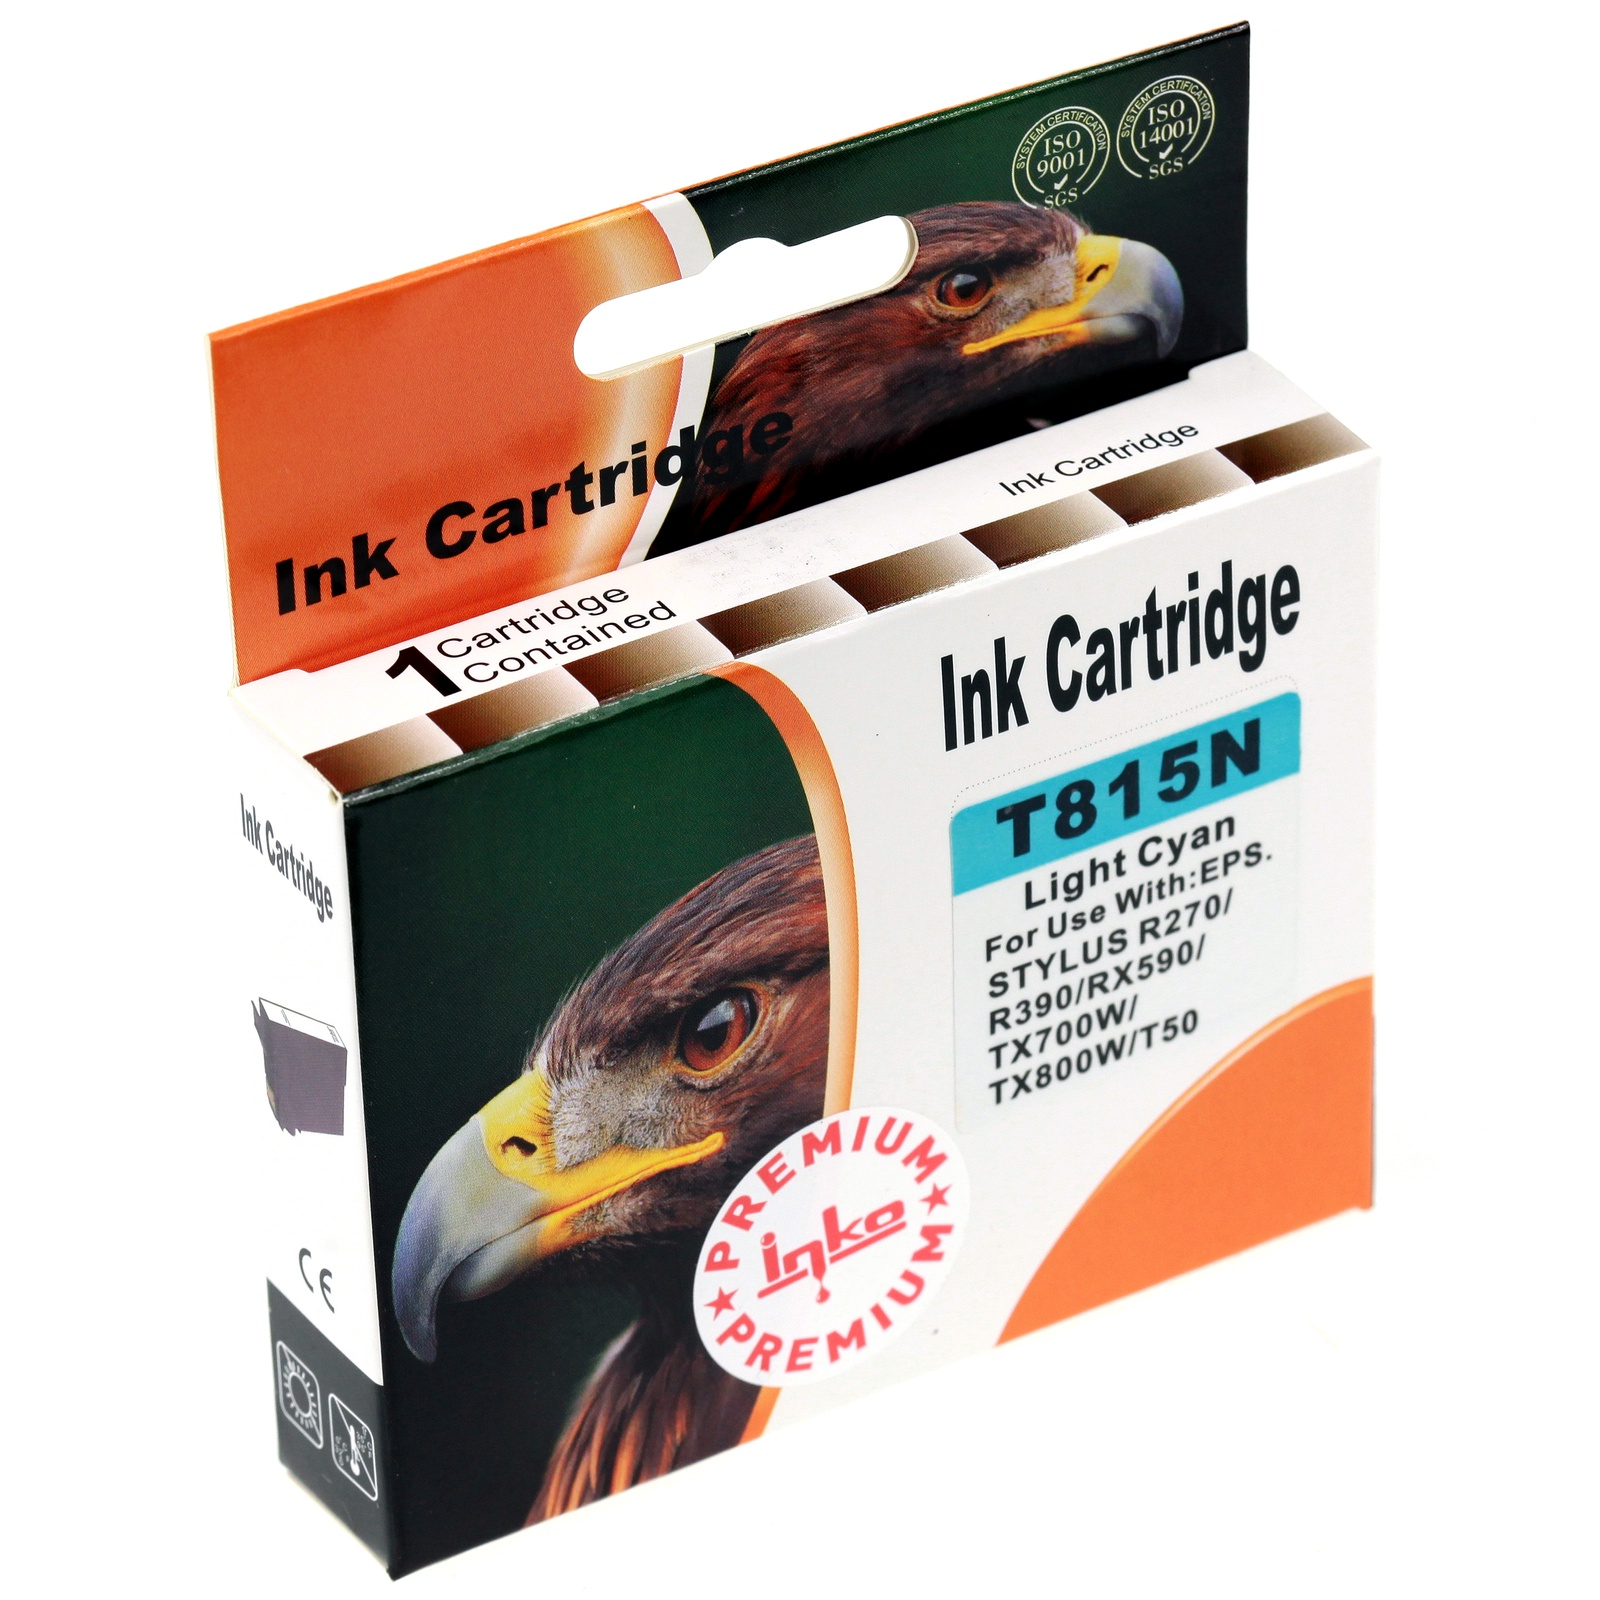 Картридж Inko T815N для Epson Stylus Photo R270, R290, T50, TX650 светло-голубой повышенной емкости цена 2017